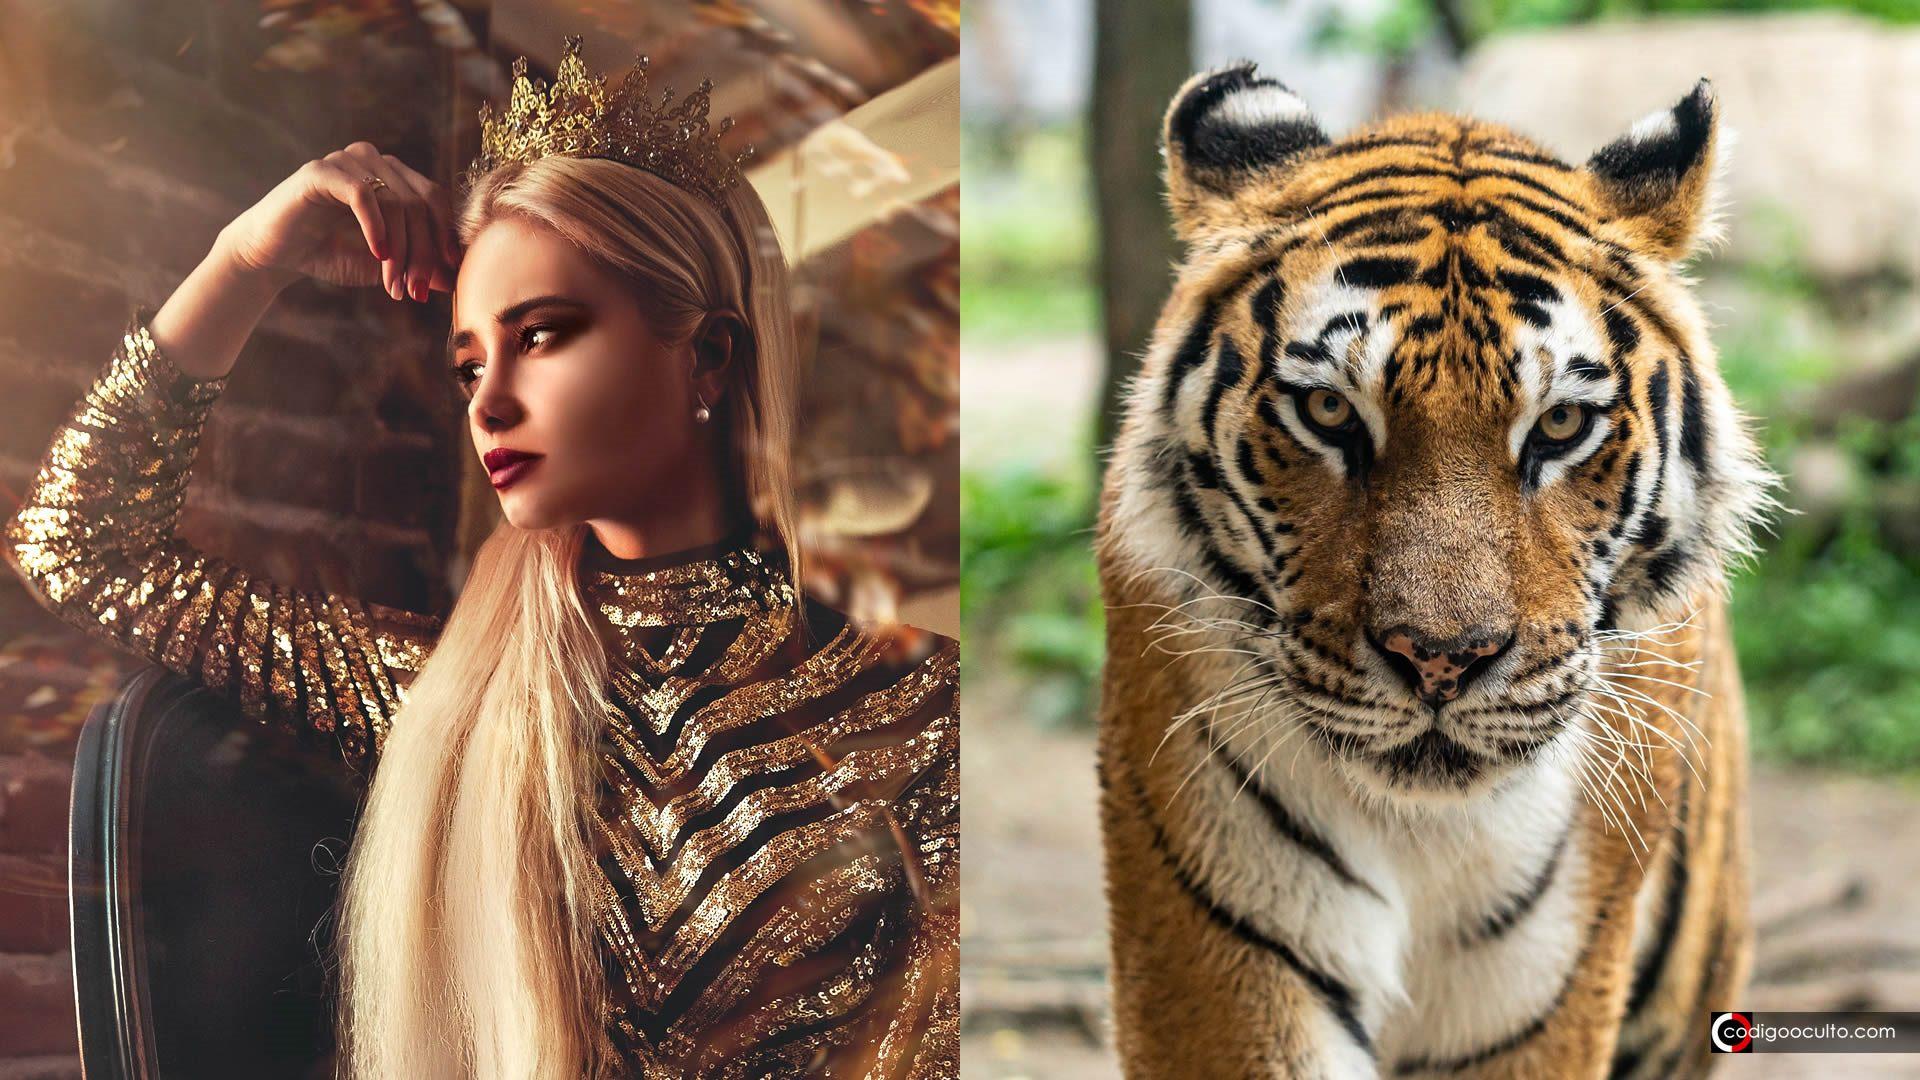 «¿La Dama o el Tigre?» ¿Tenemos realmente libre albedrío? (VÍDEO)